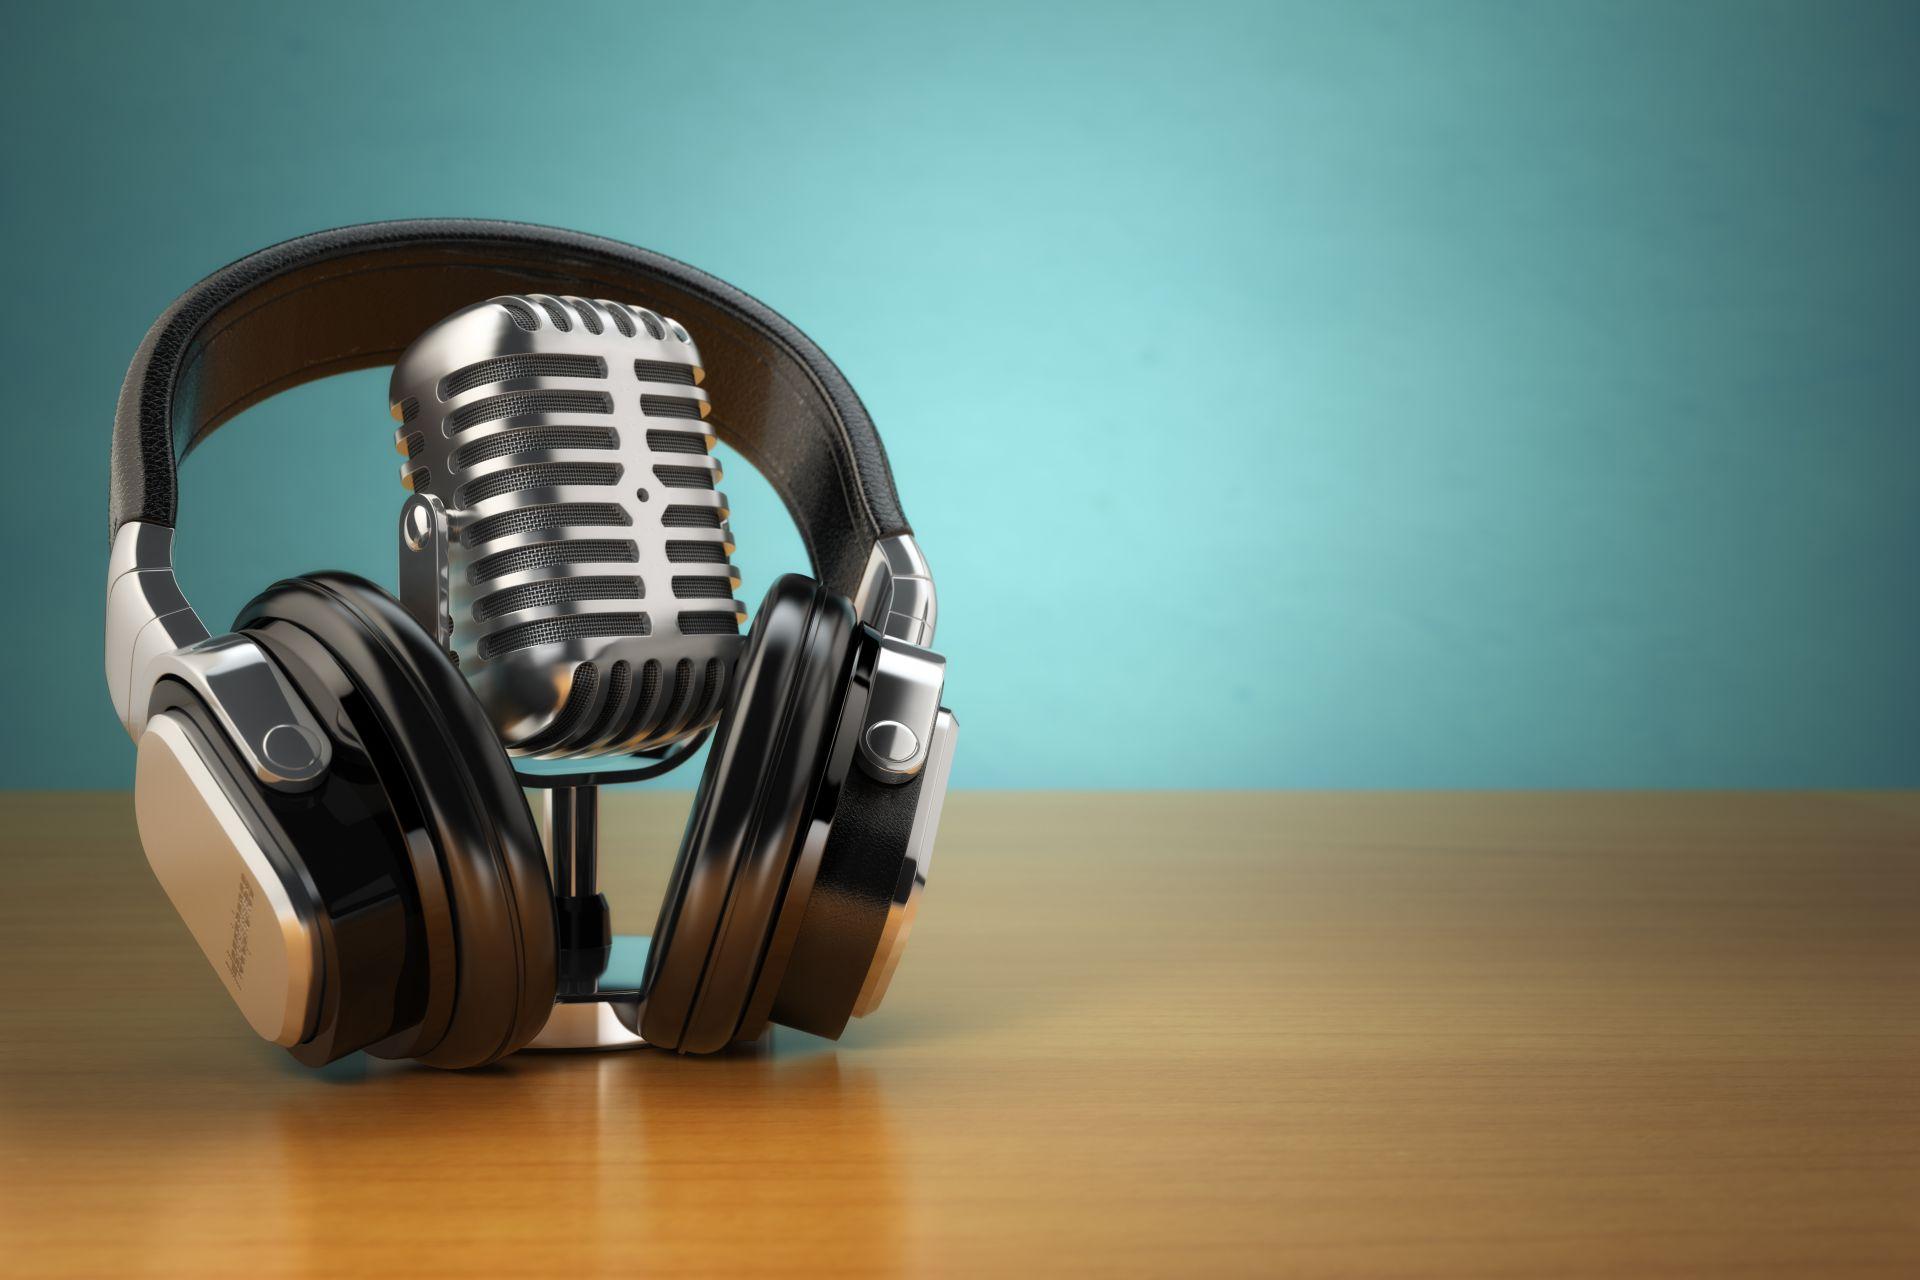 mikrofon i słuchawki na zielonym tle. Koncepcja nagrań audio i studyjnych